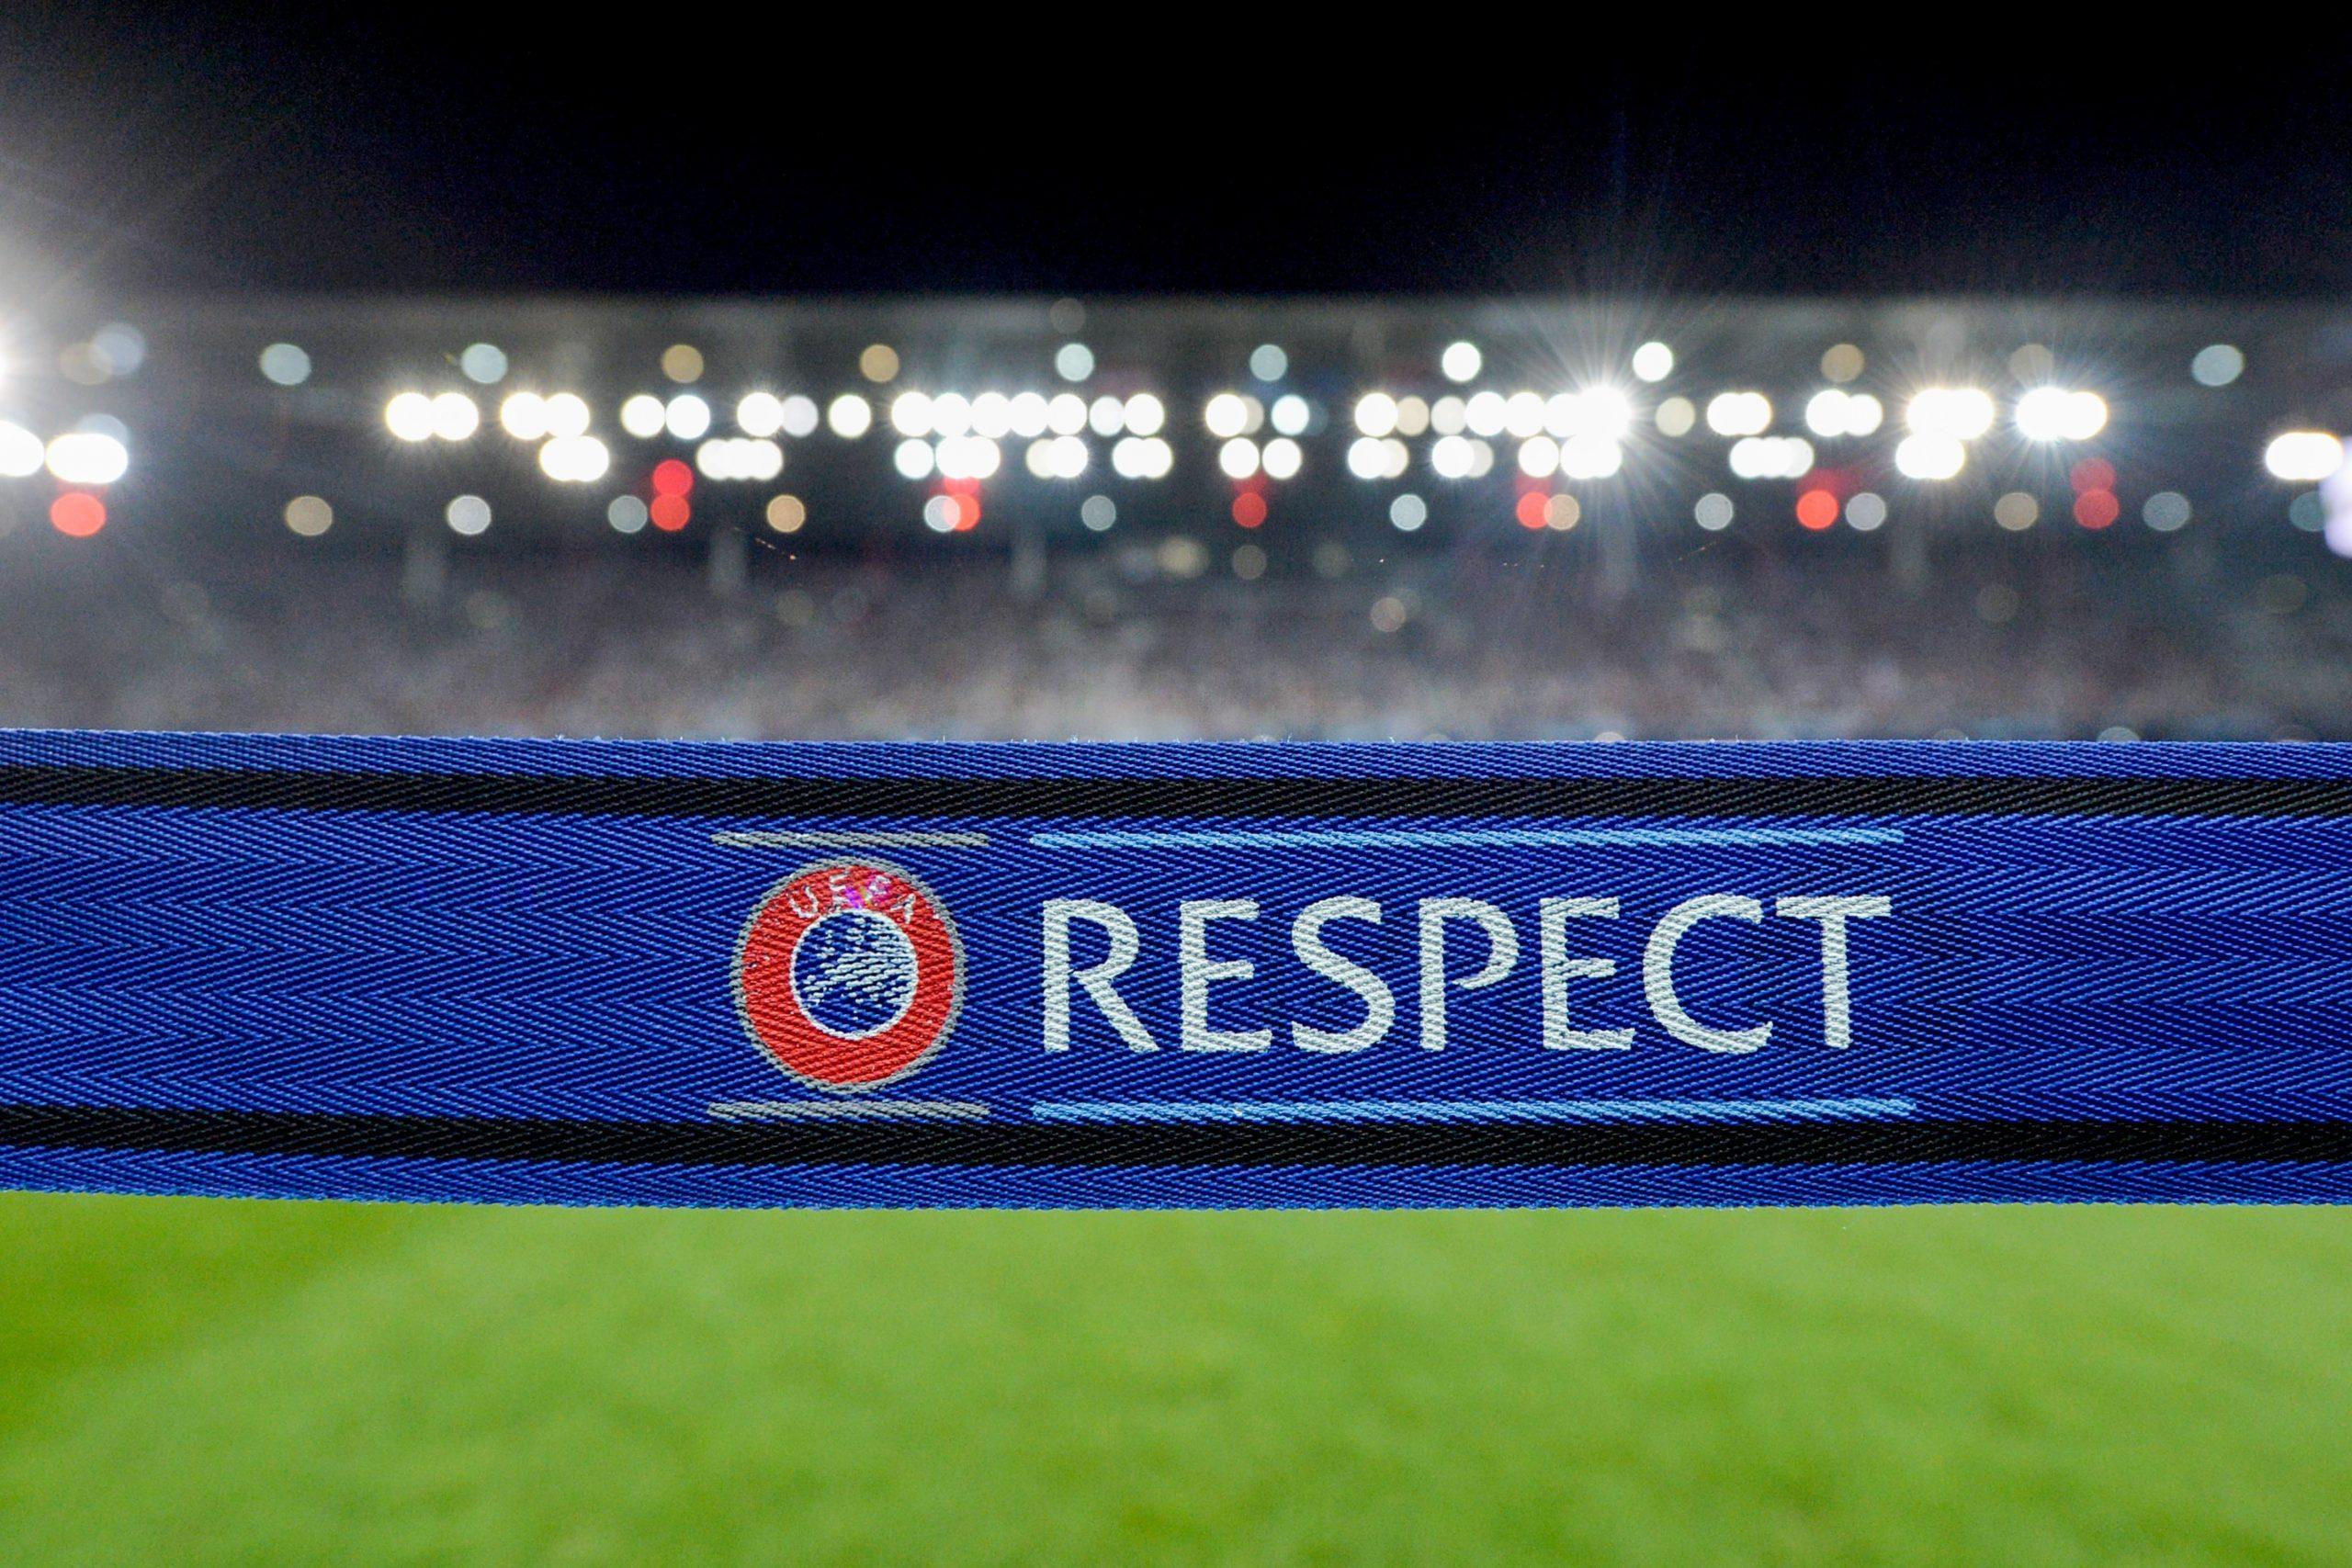 La France récupère la 5e place au classement UEFA